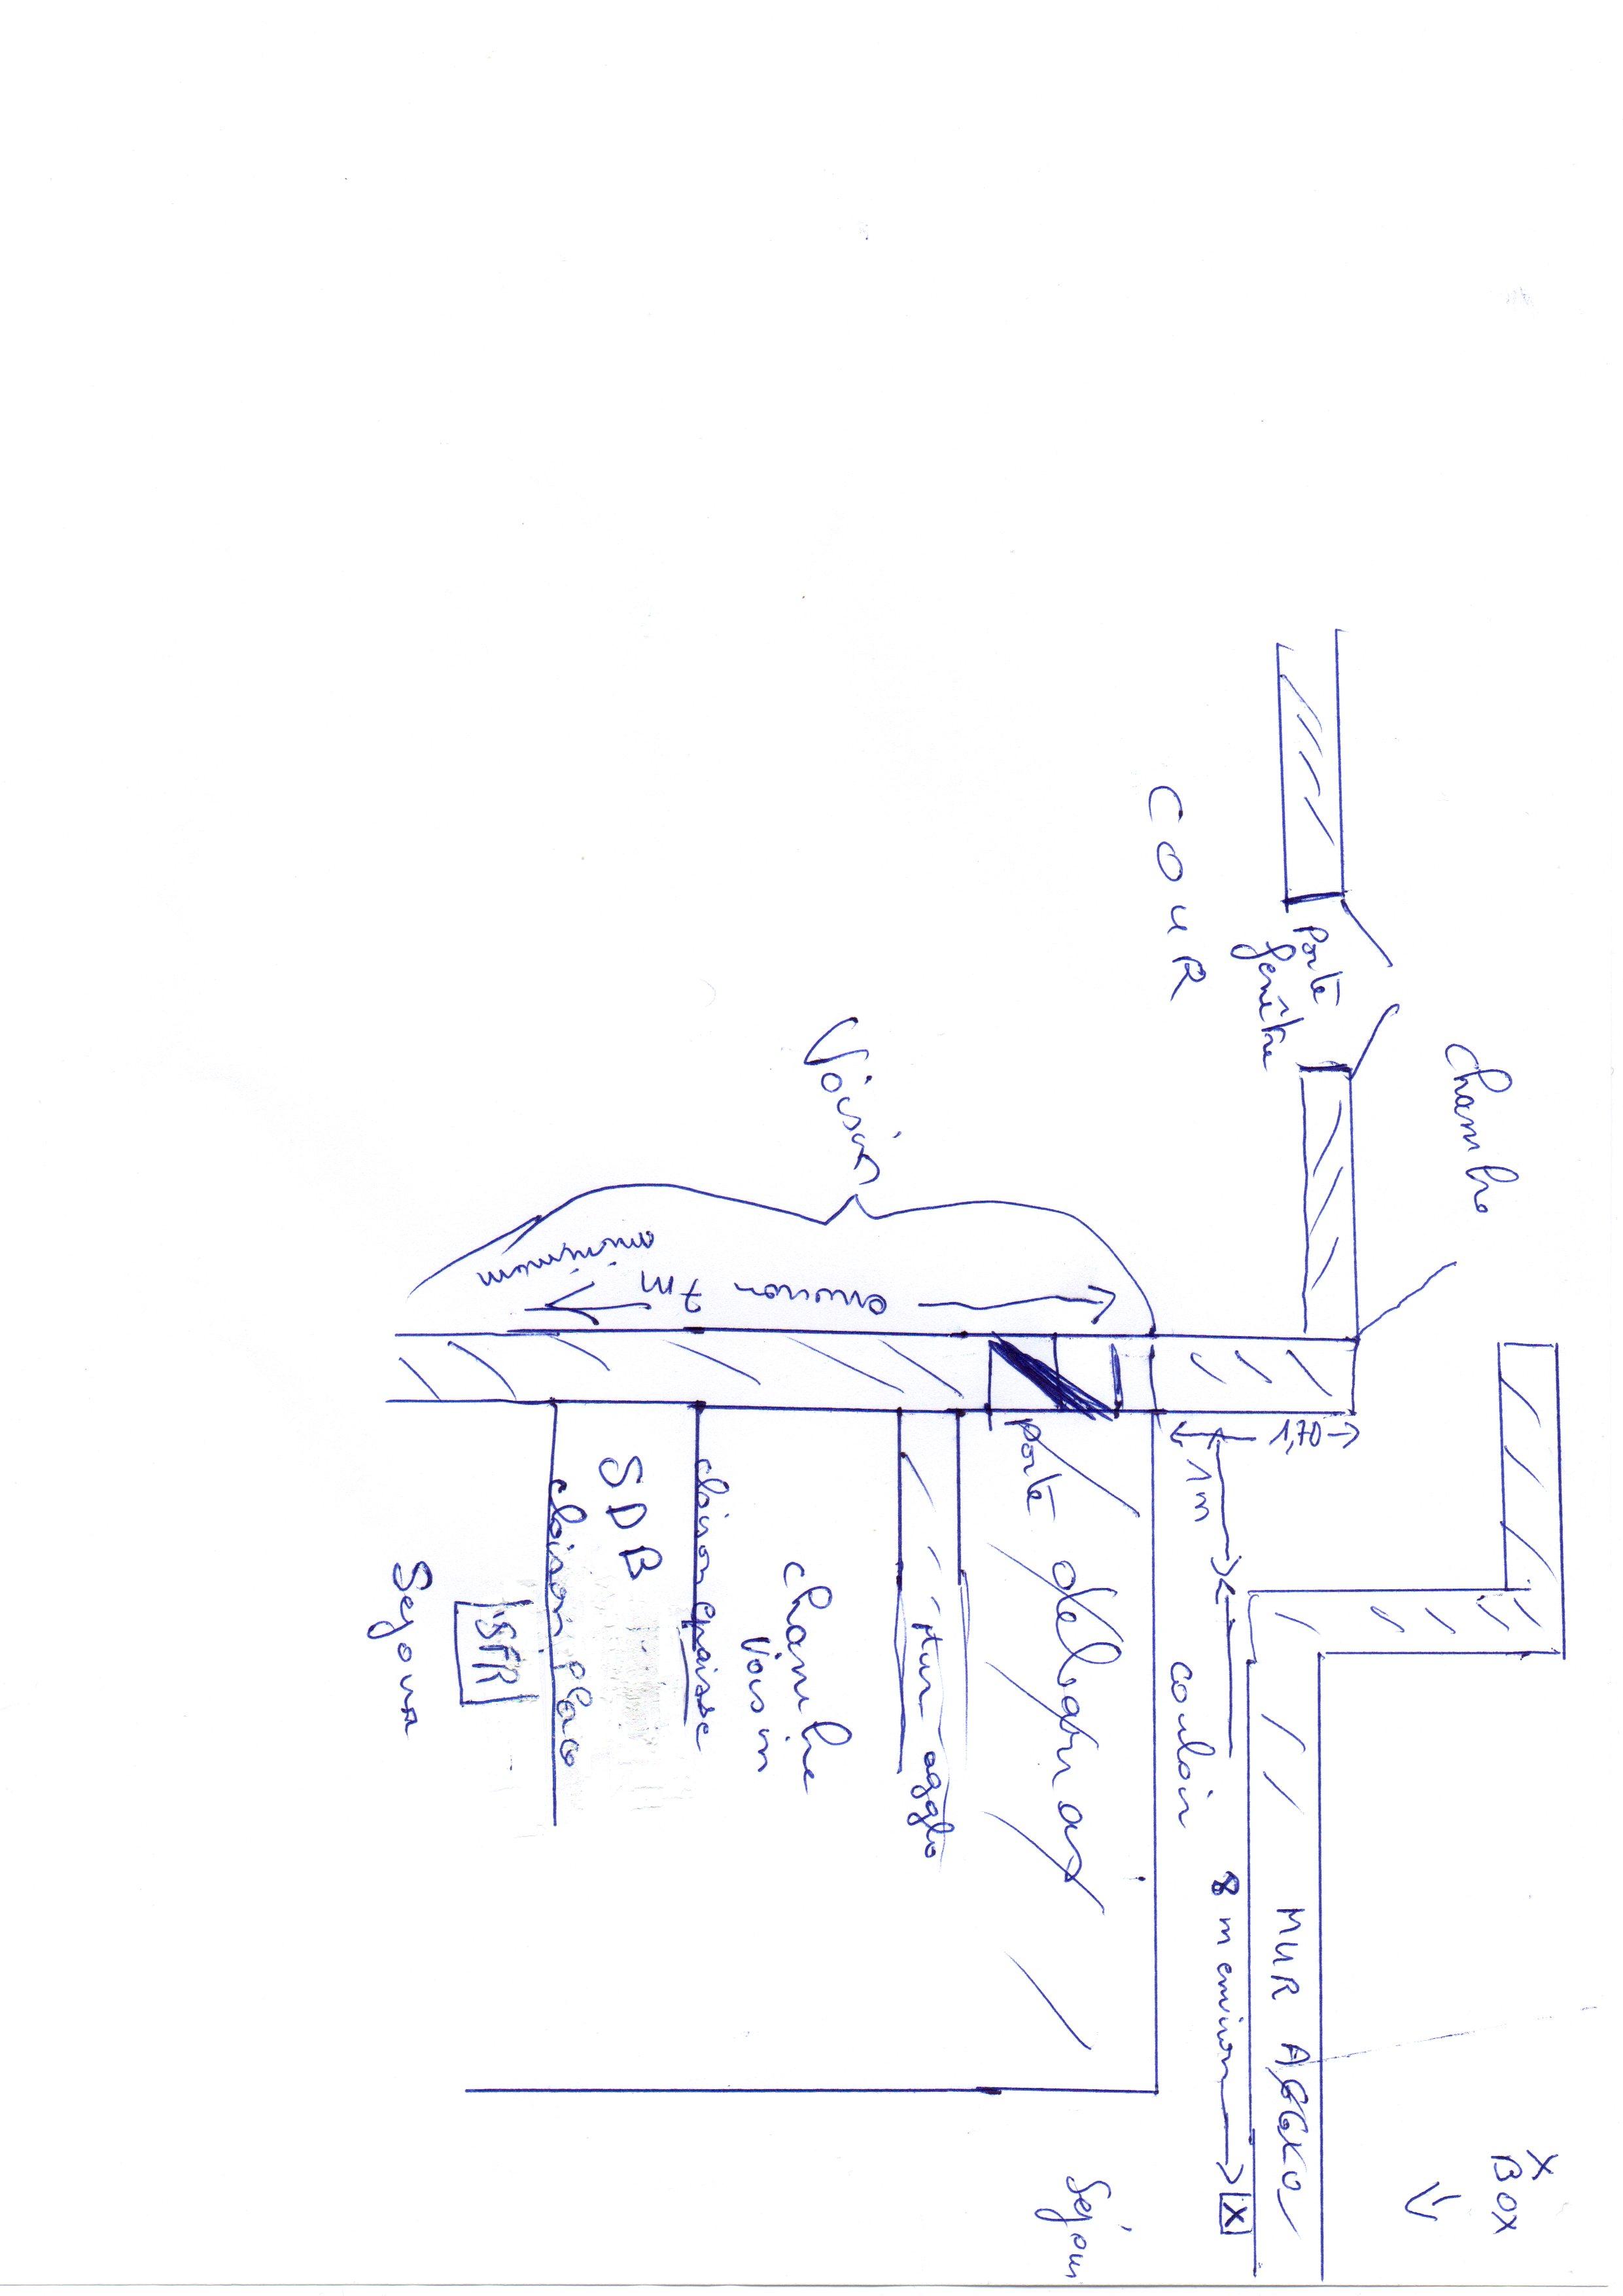 plan-LB_20170119-0112.jpg